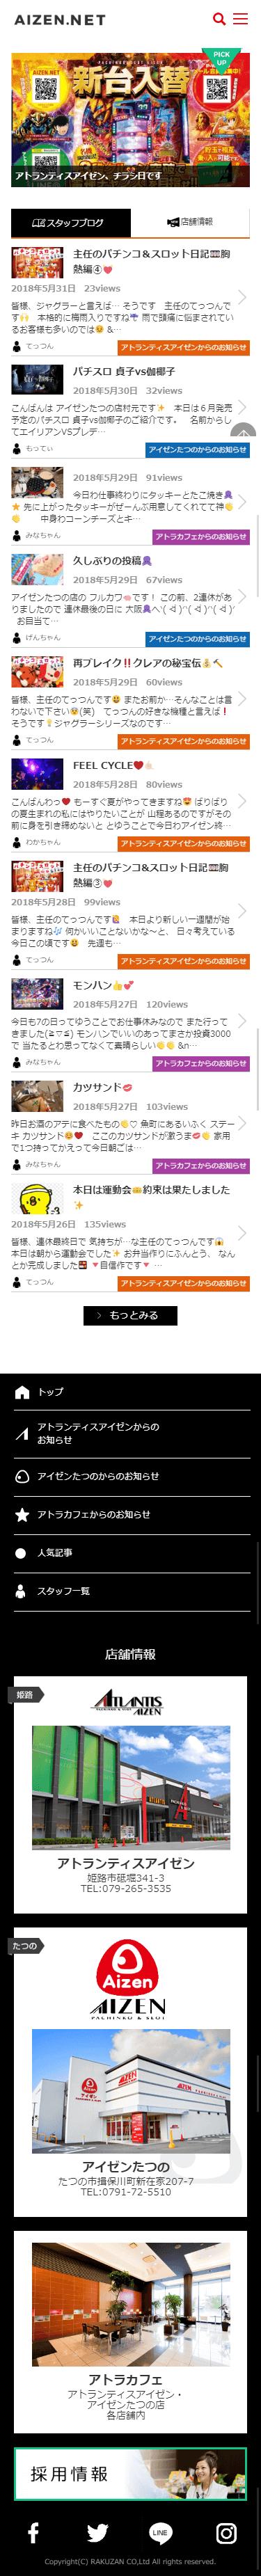 姫路市 株式会社楽山様 アイゼングループ公式ブログ「AIZEN.NET」3